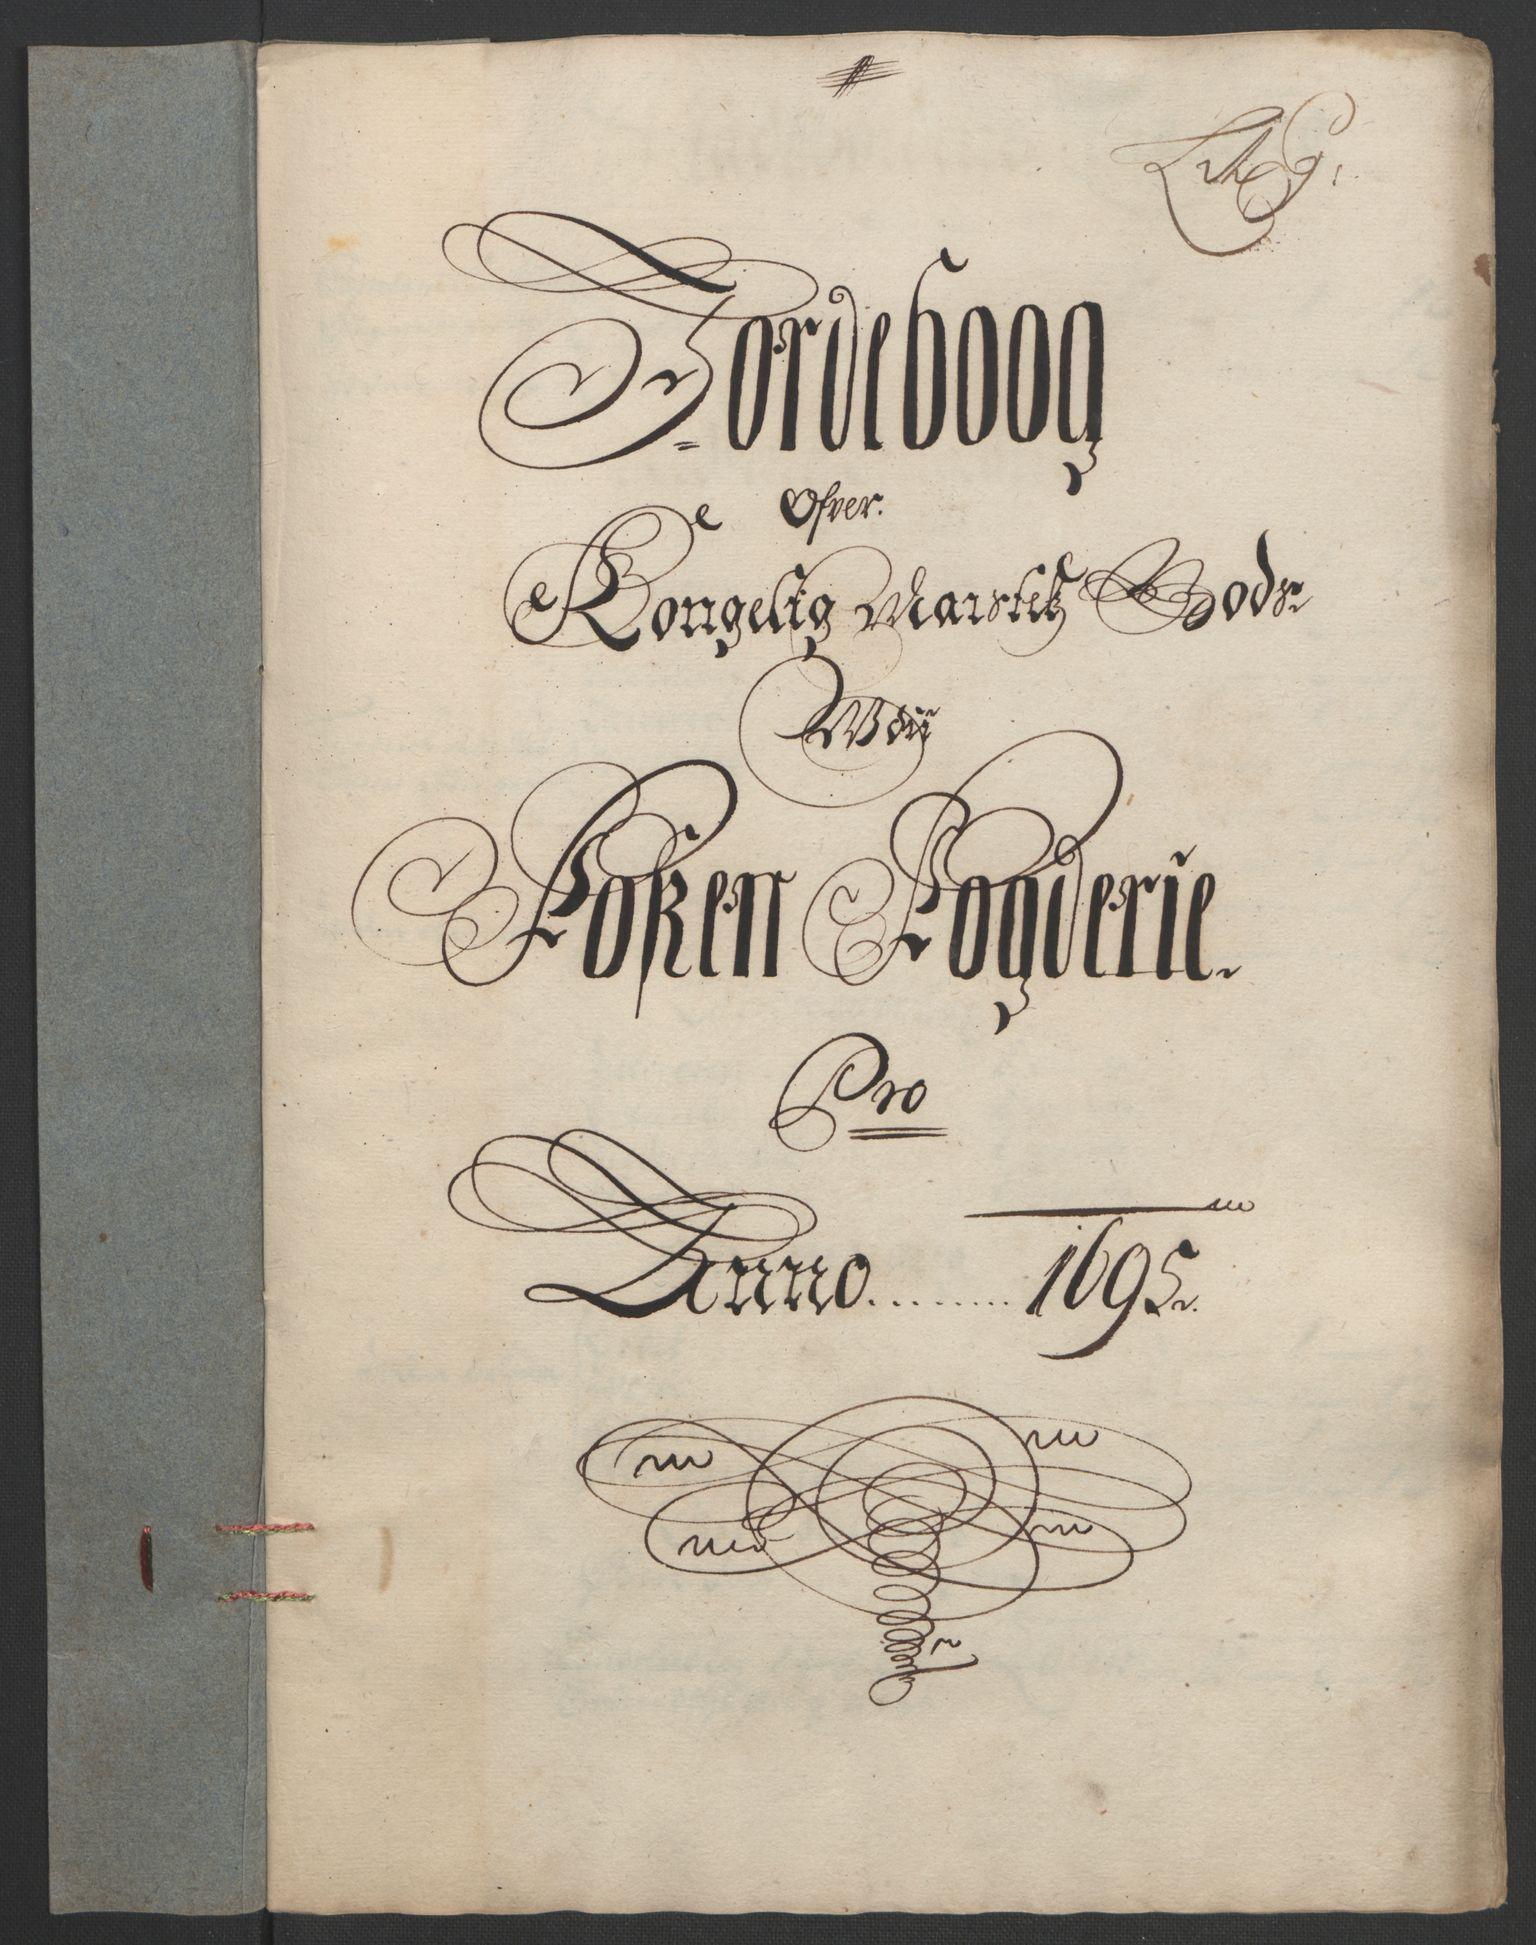 RA, Rentekammeret inntil 1814, Reviderte regnskaper, Fogderegnskap, R57/L3851: Fogderegnskap Fosen, 1695-1696, s. 120